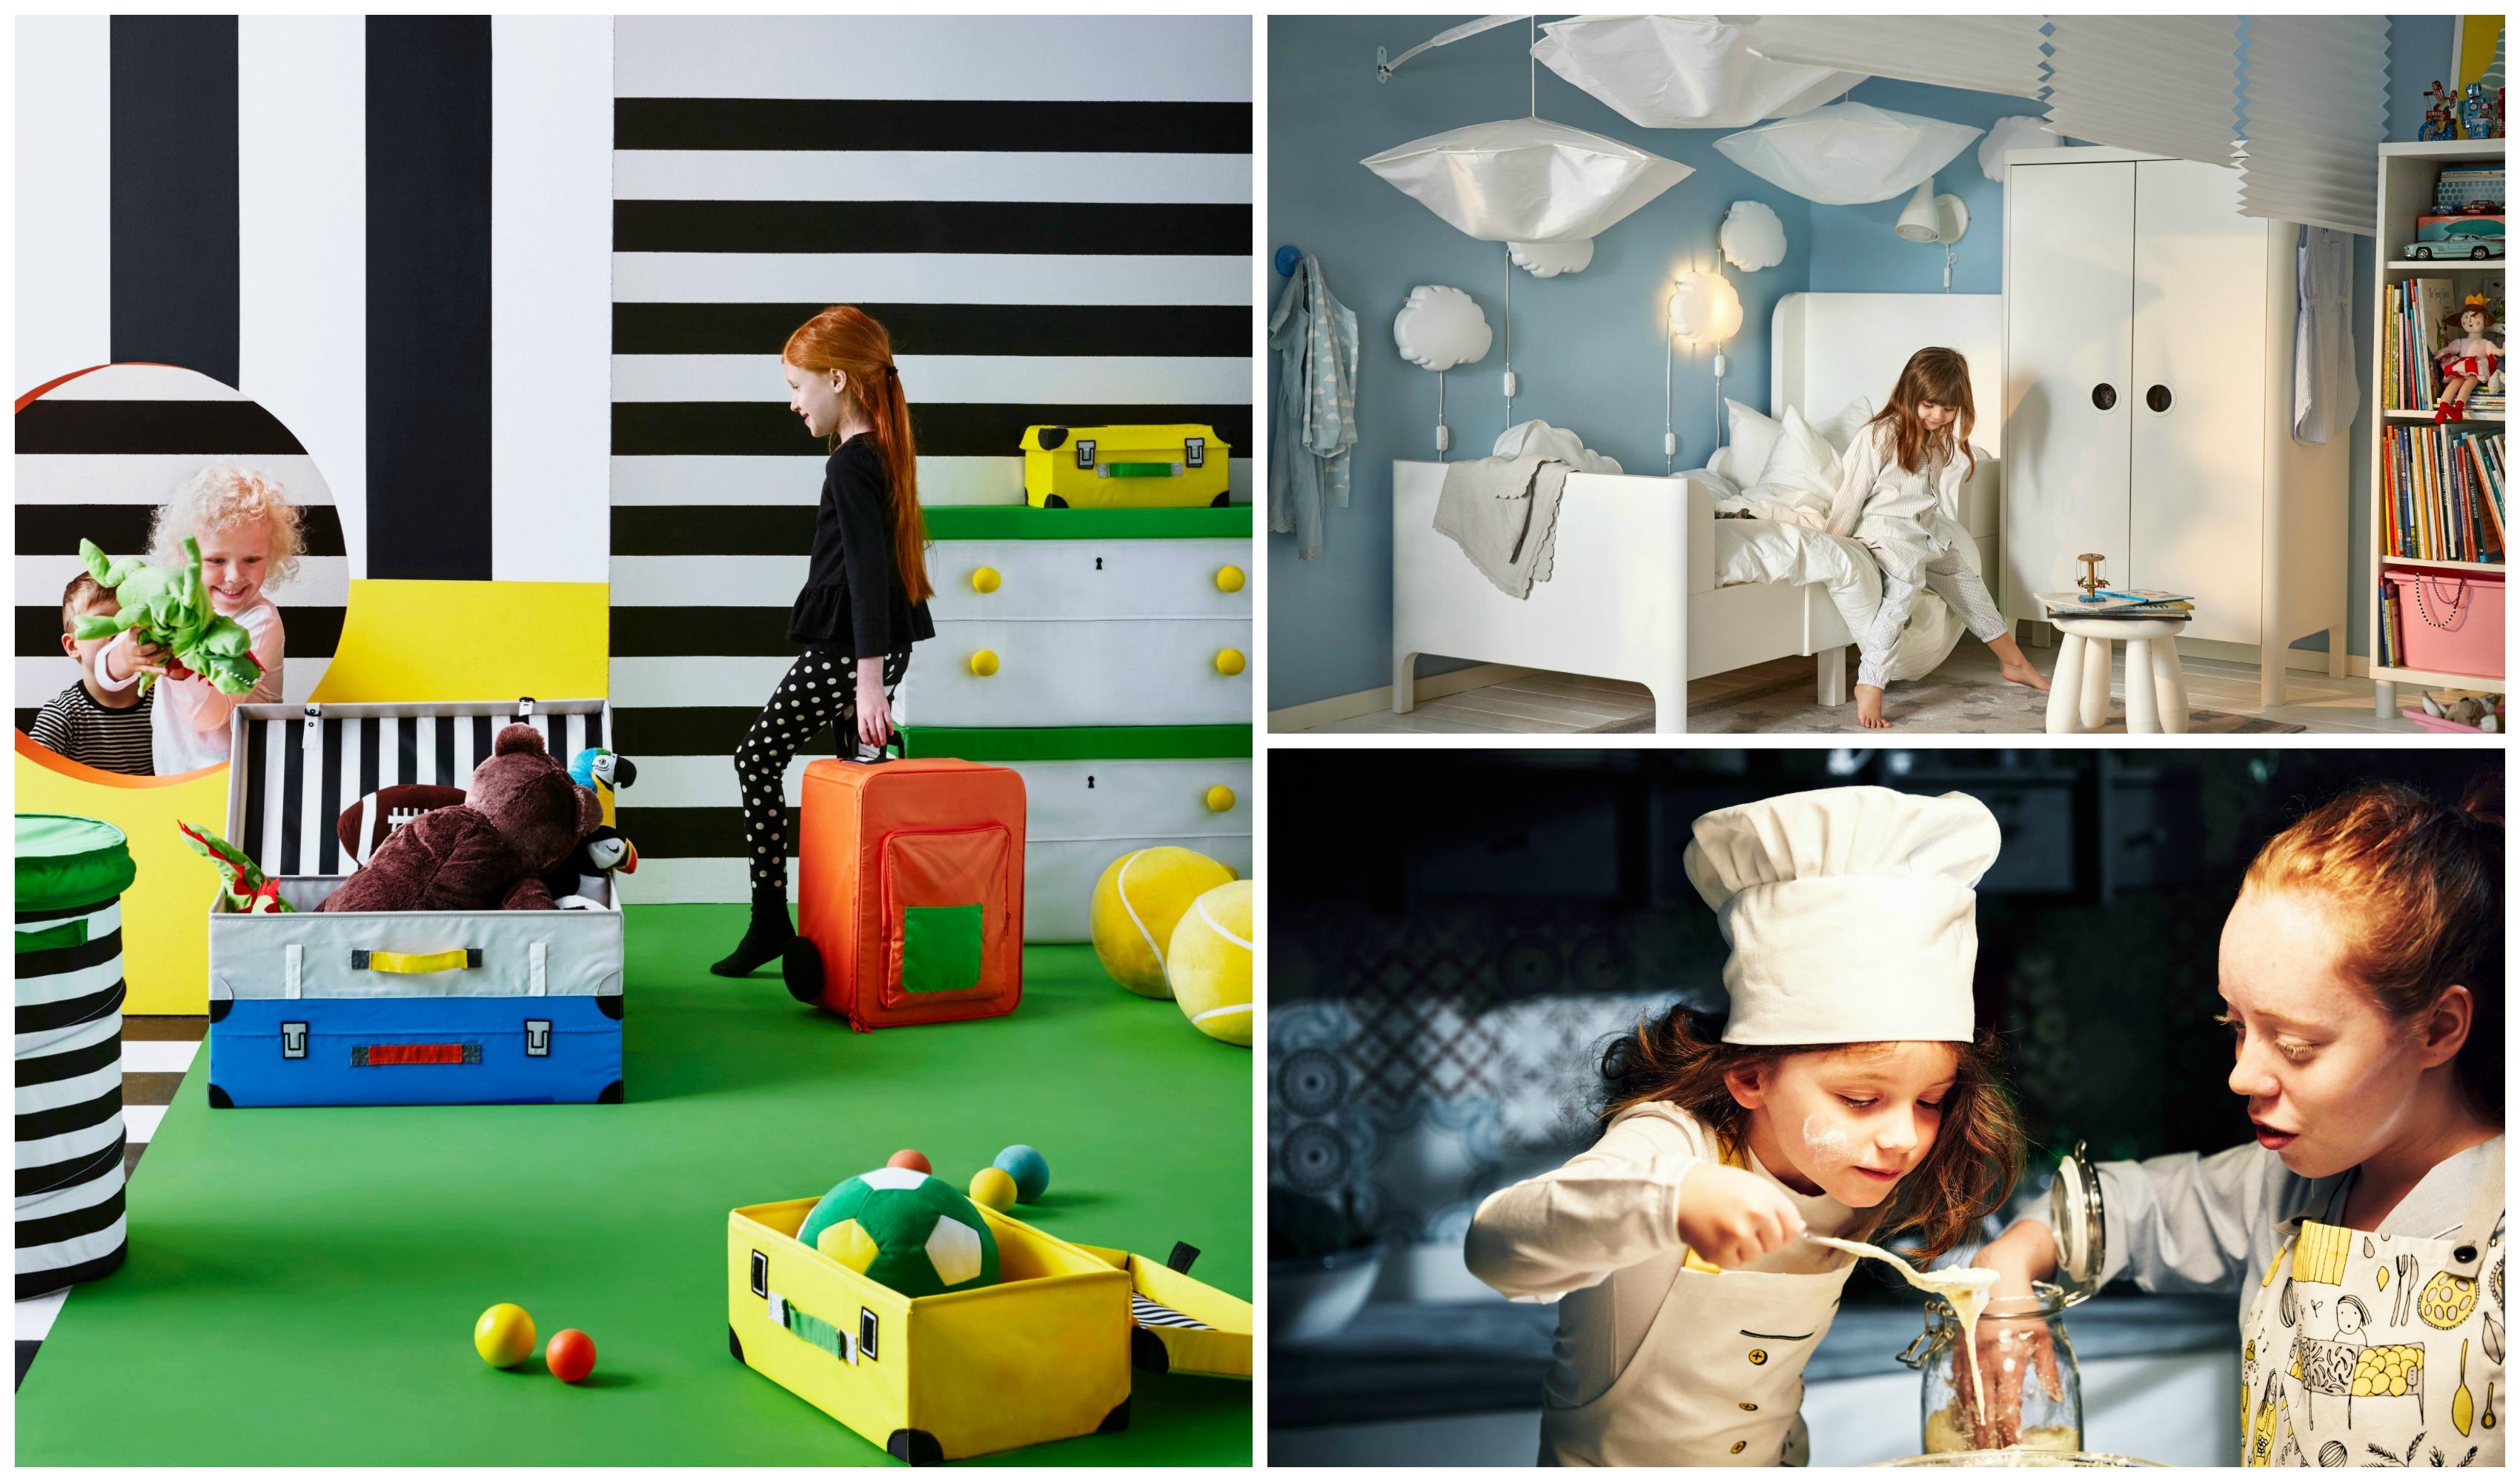 Nieuwe ikea kinderproducten die de fantasie prikkelen